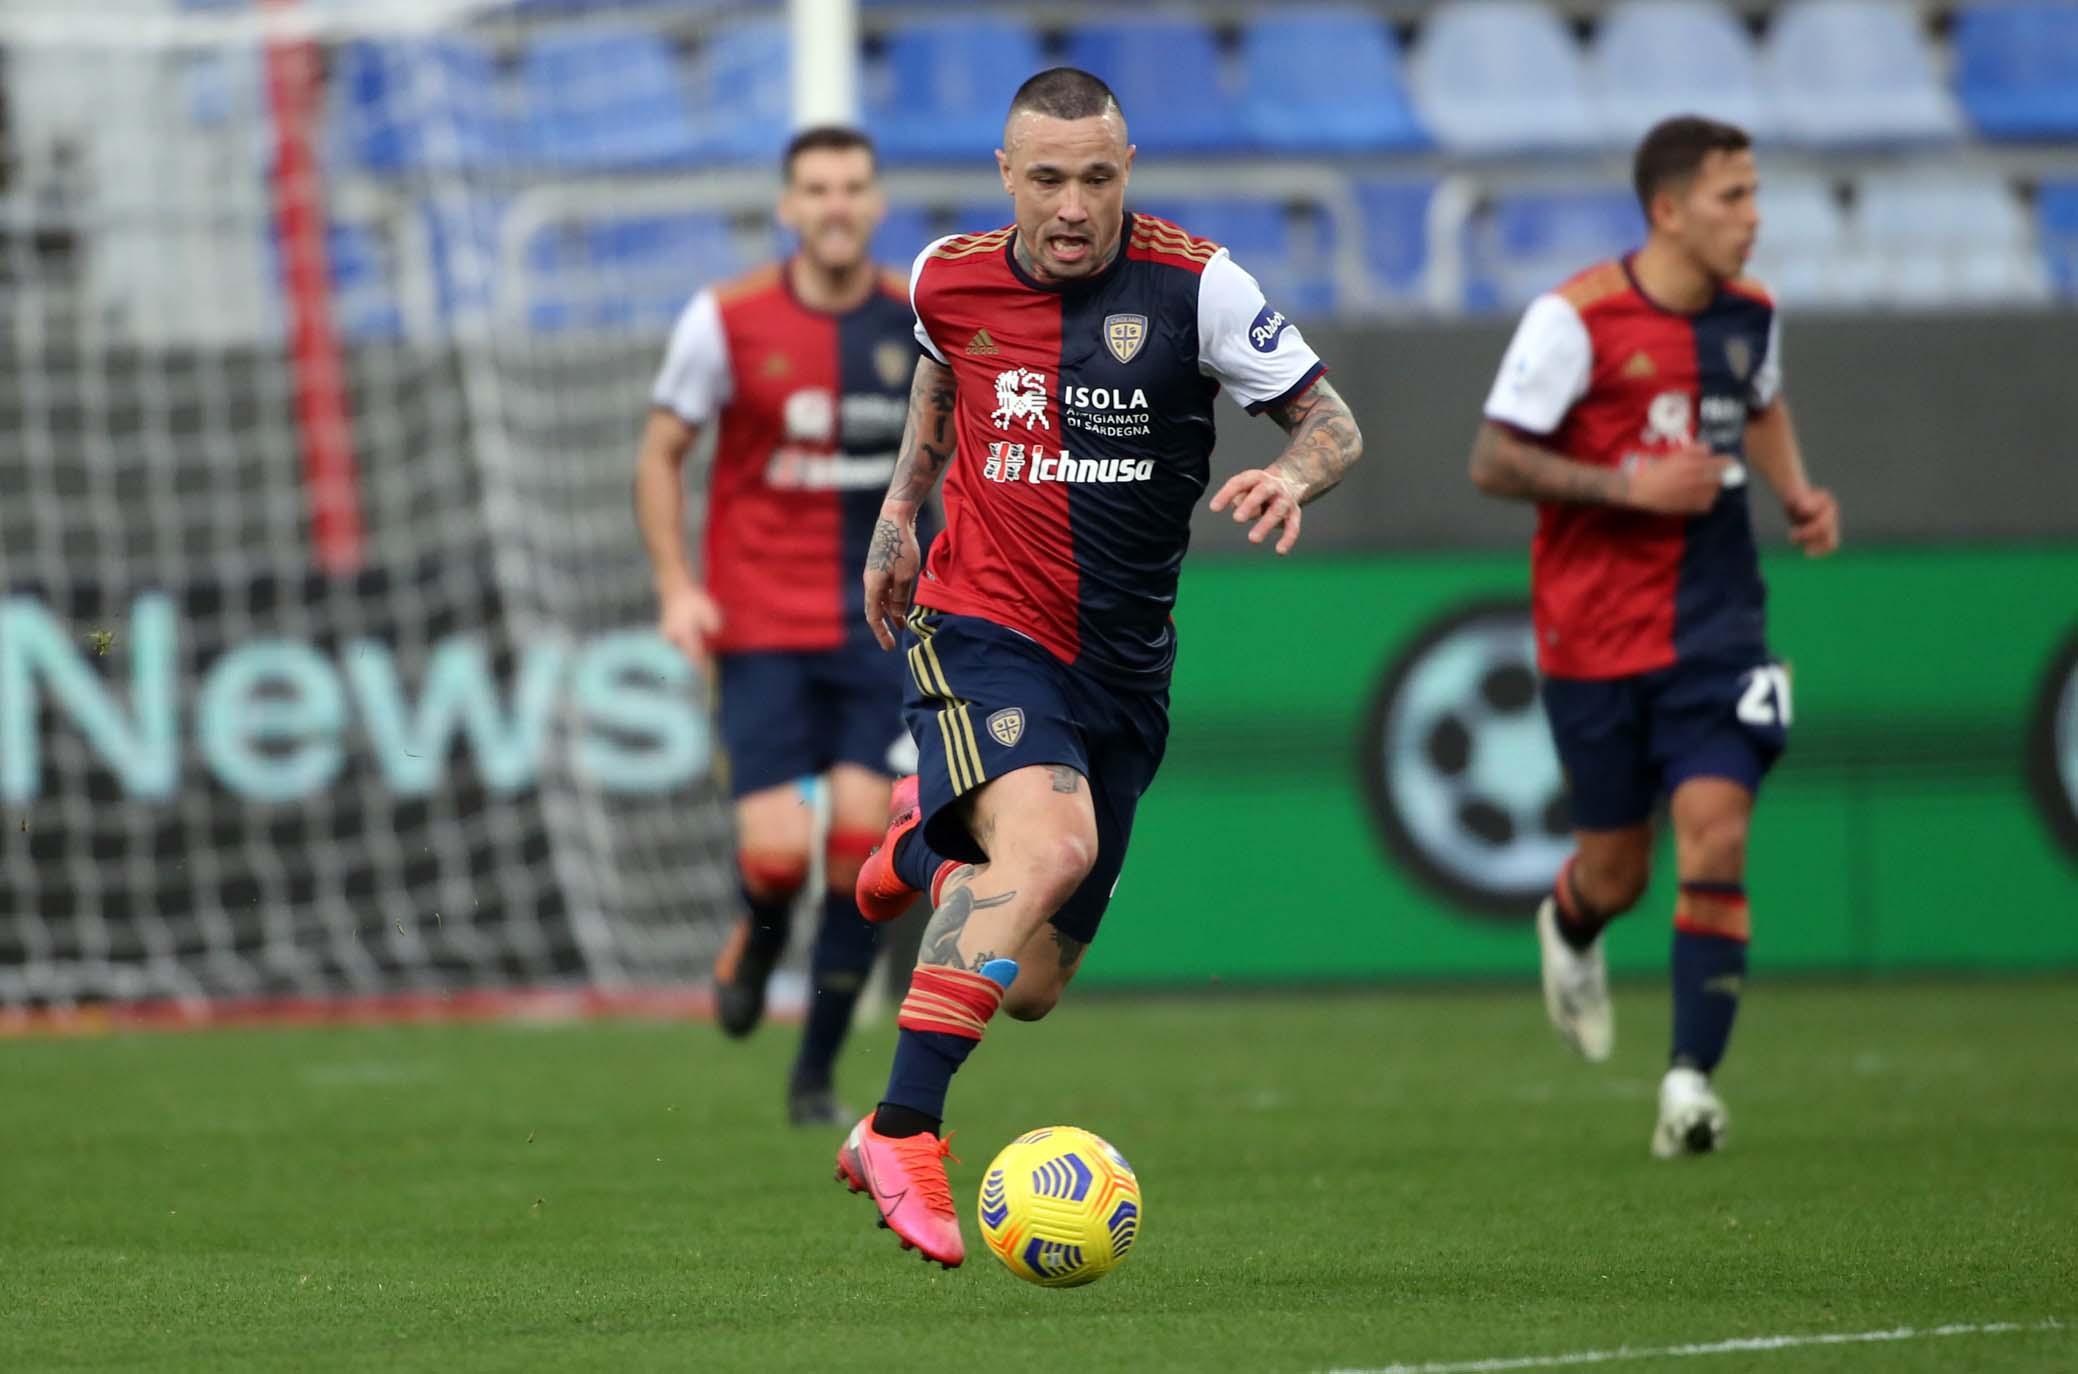 Verso Cagliari-Verona: il trio in mediana sarà decisivo - Calcio Casteddu